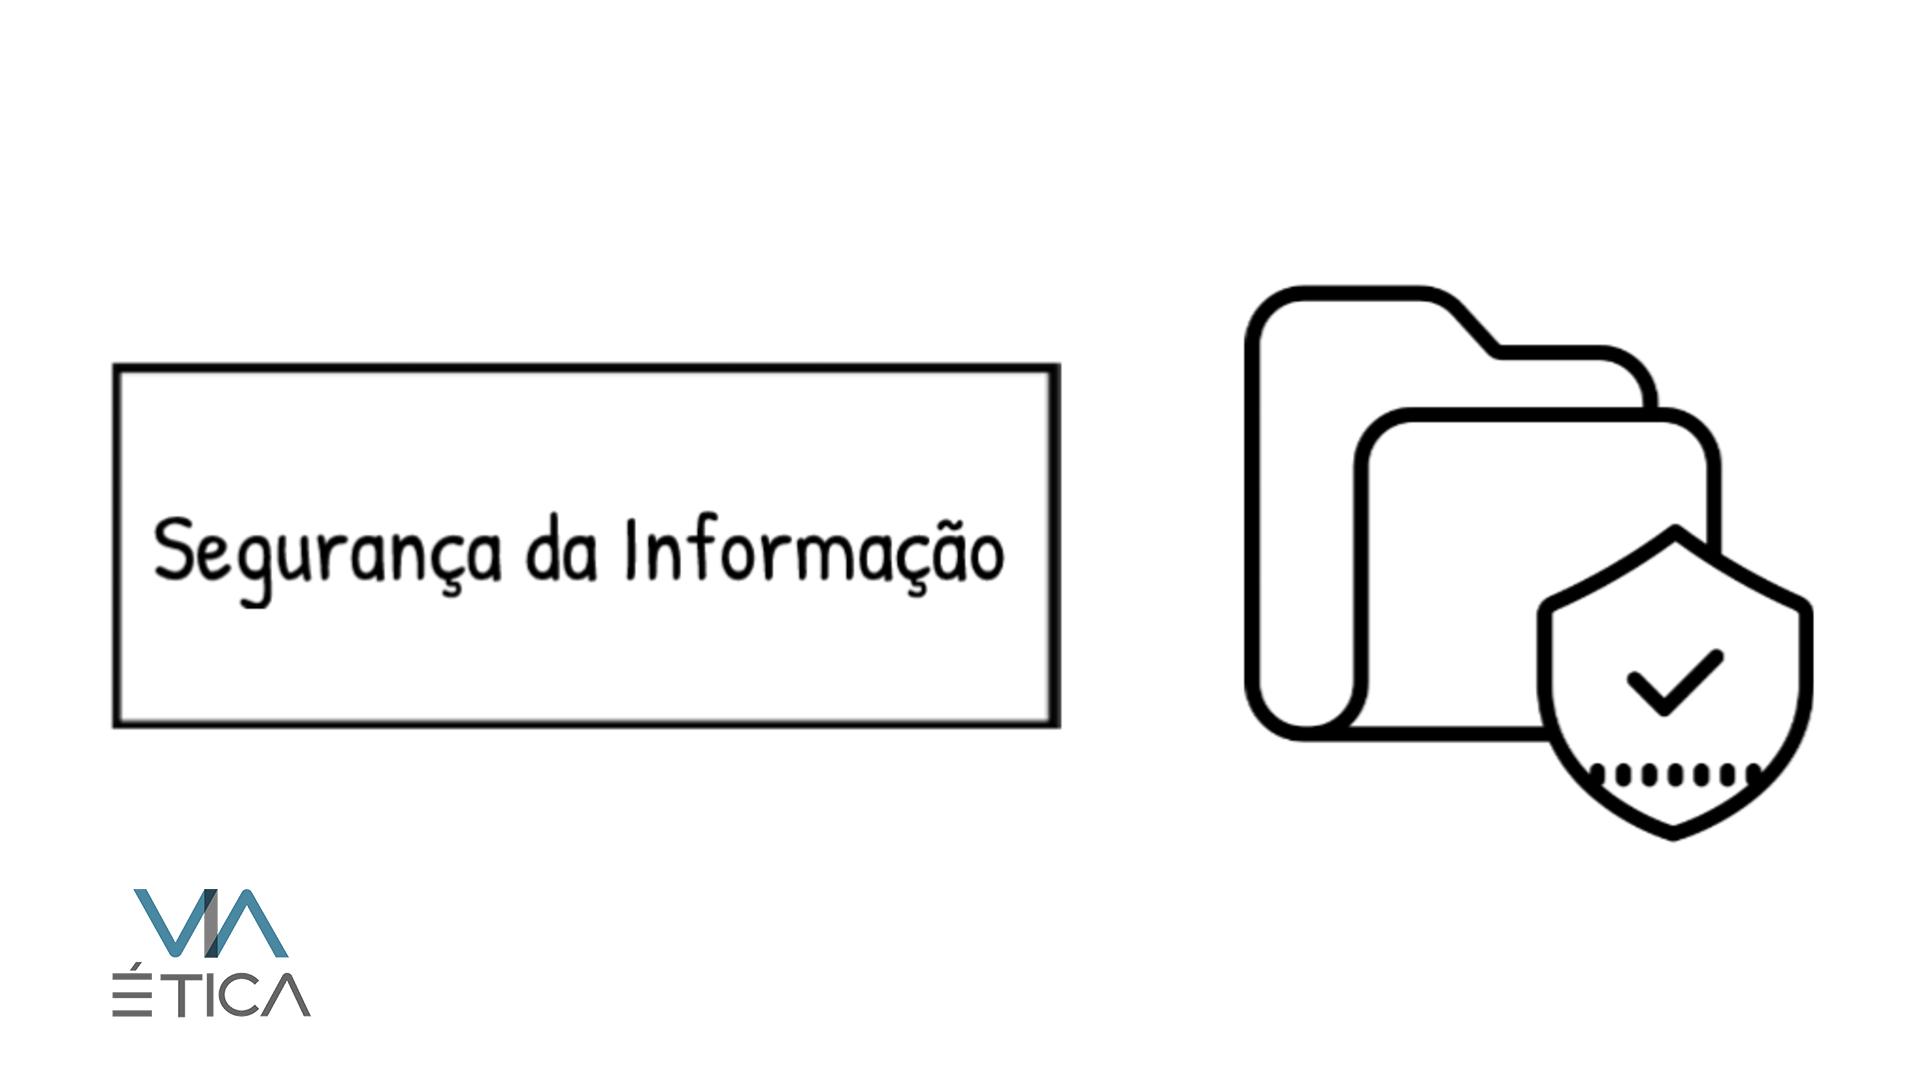 Vídeo - Segurança da Informação